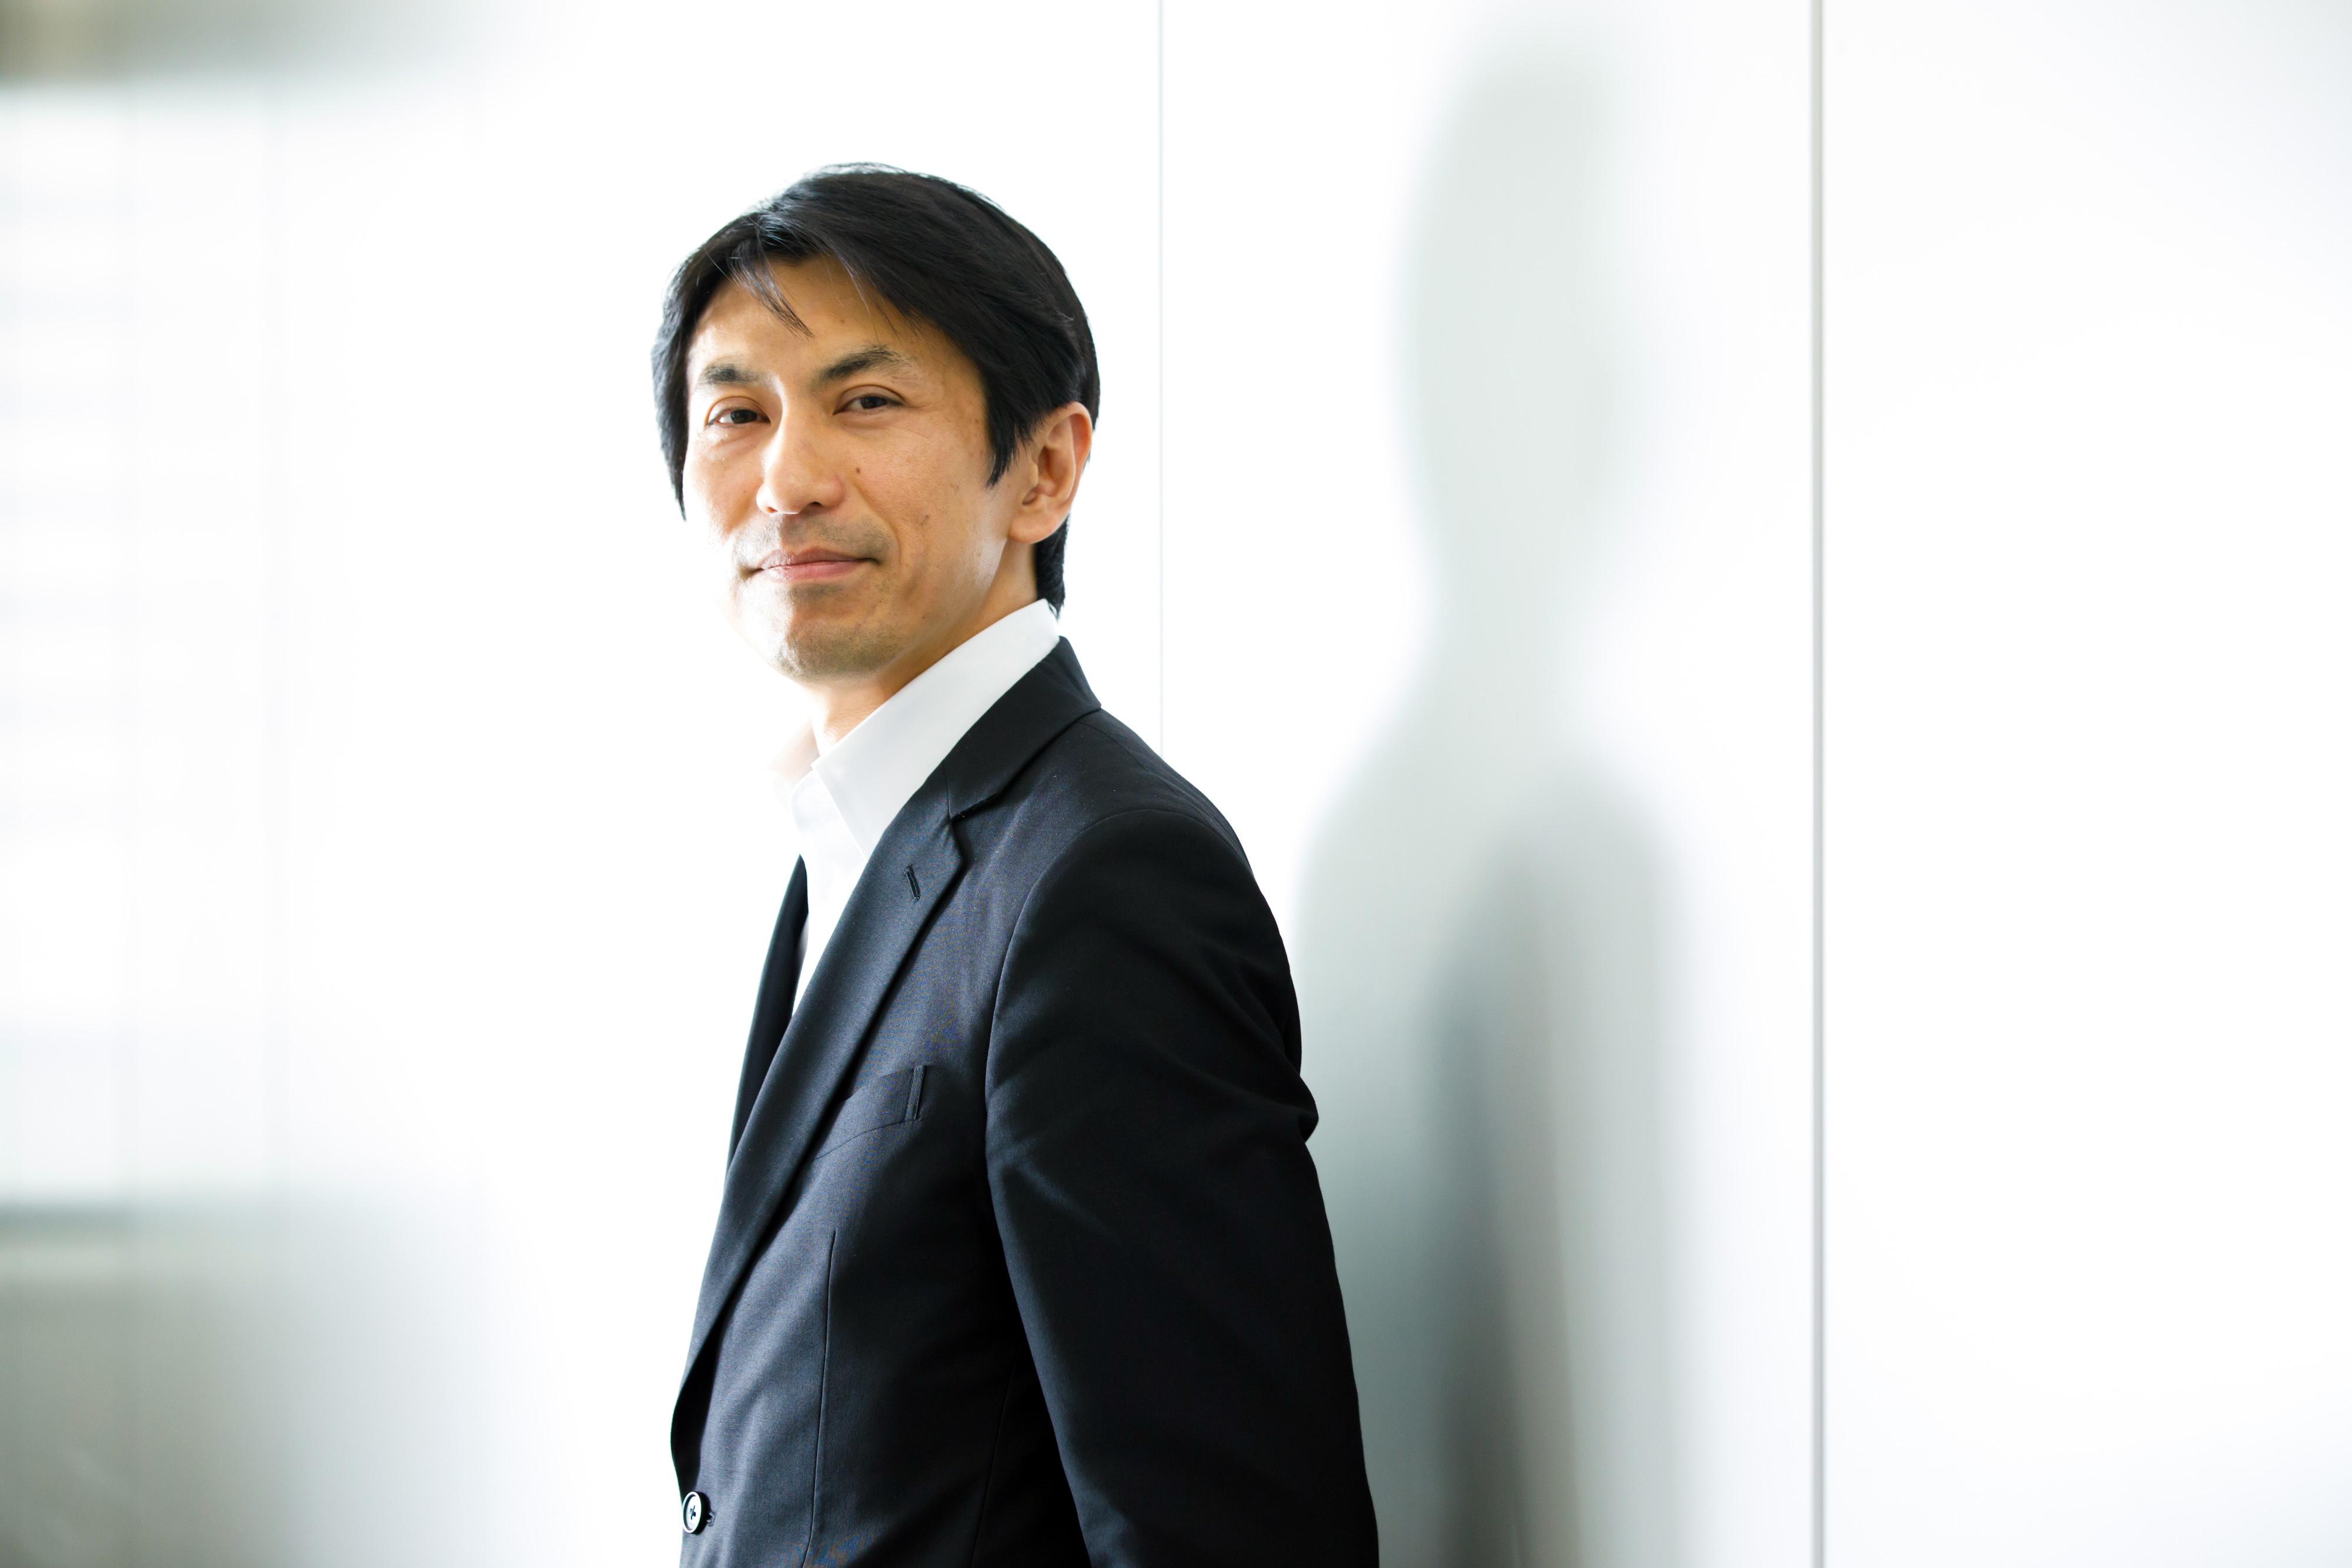 伊藤禎則(経済産業省産業人材政策室 参事官)